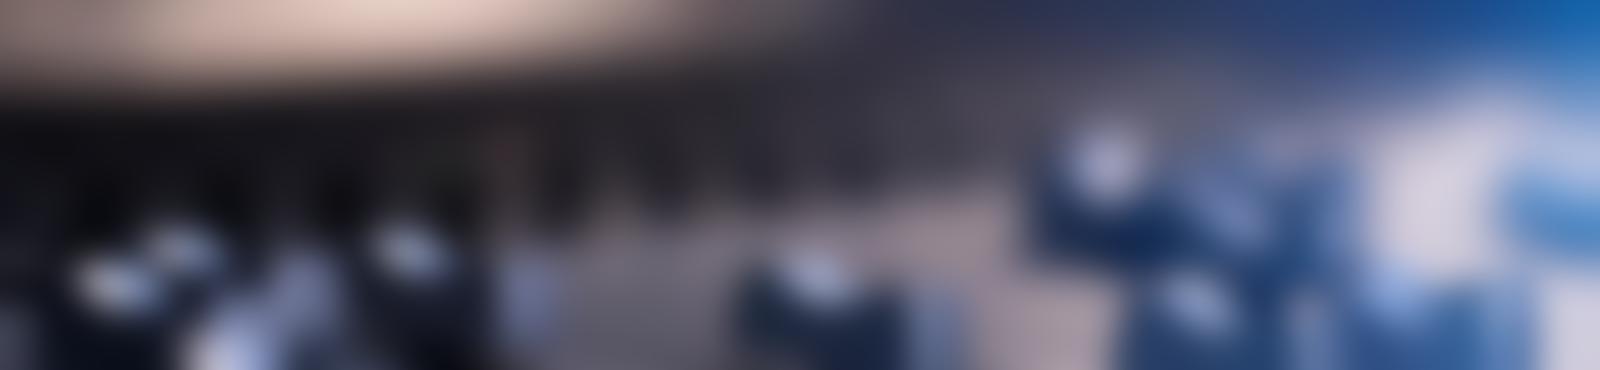 Blurred dd1cc675 422b 4b9e 86f5 1da5623823e1